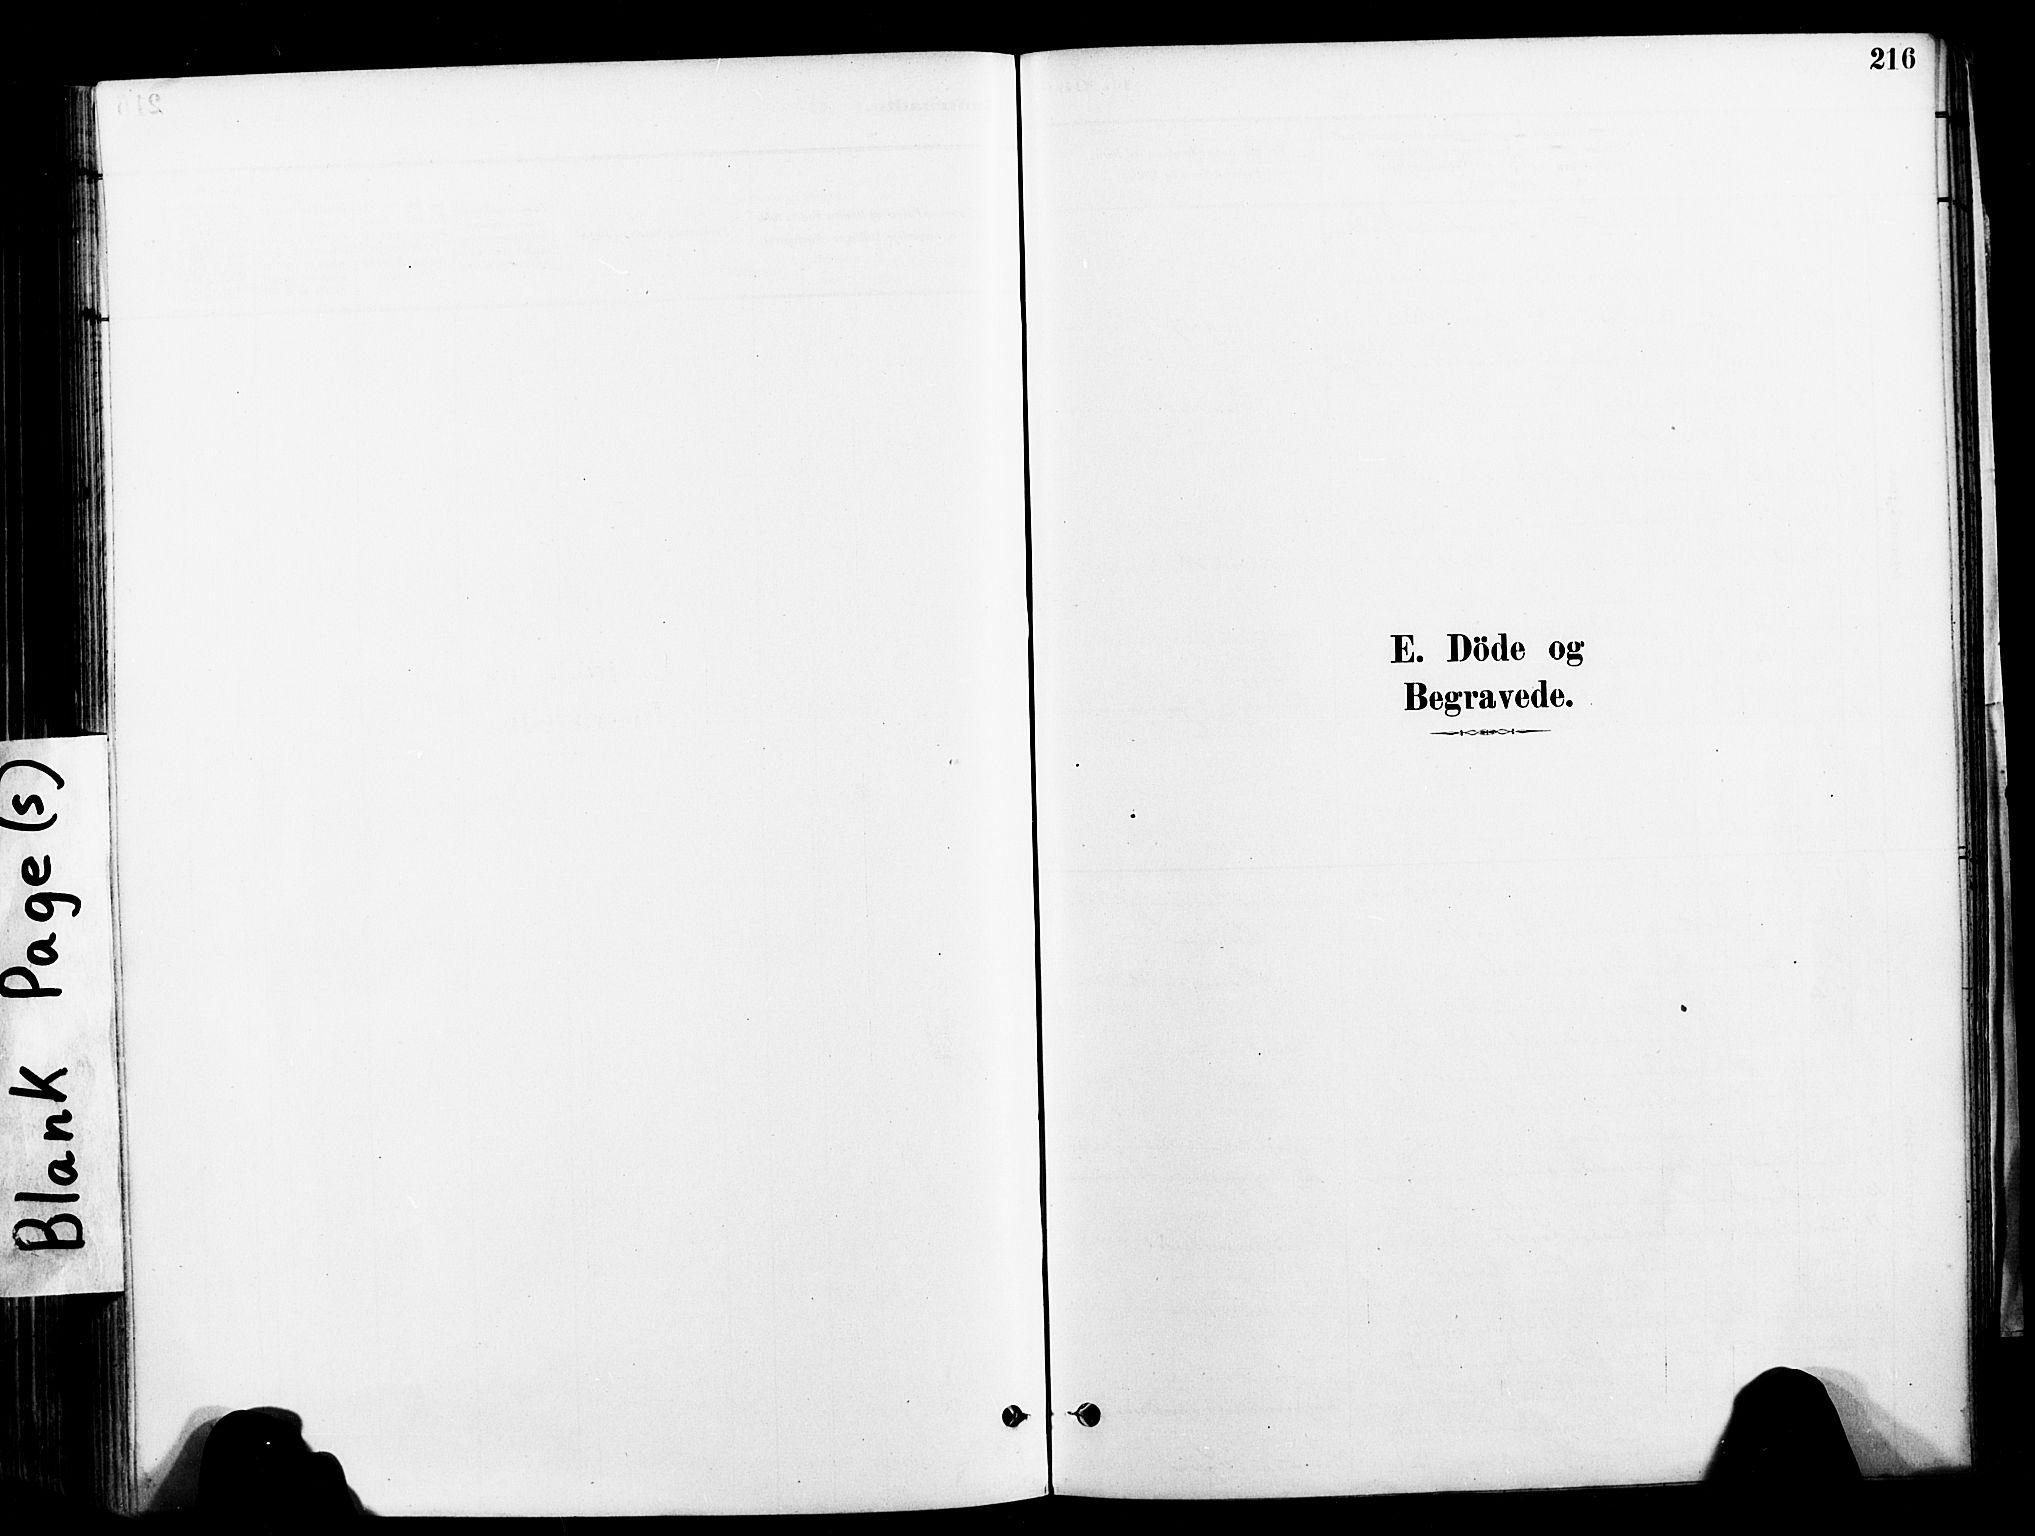 SAT, Ministerialprotokoller, klokkerbøker og fødselsregistre - Nord-Trøndelag, 709/L0077: Ministerialbok nr. 709A17, 1880-1895, s. 216